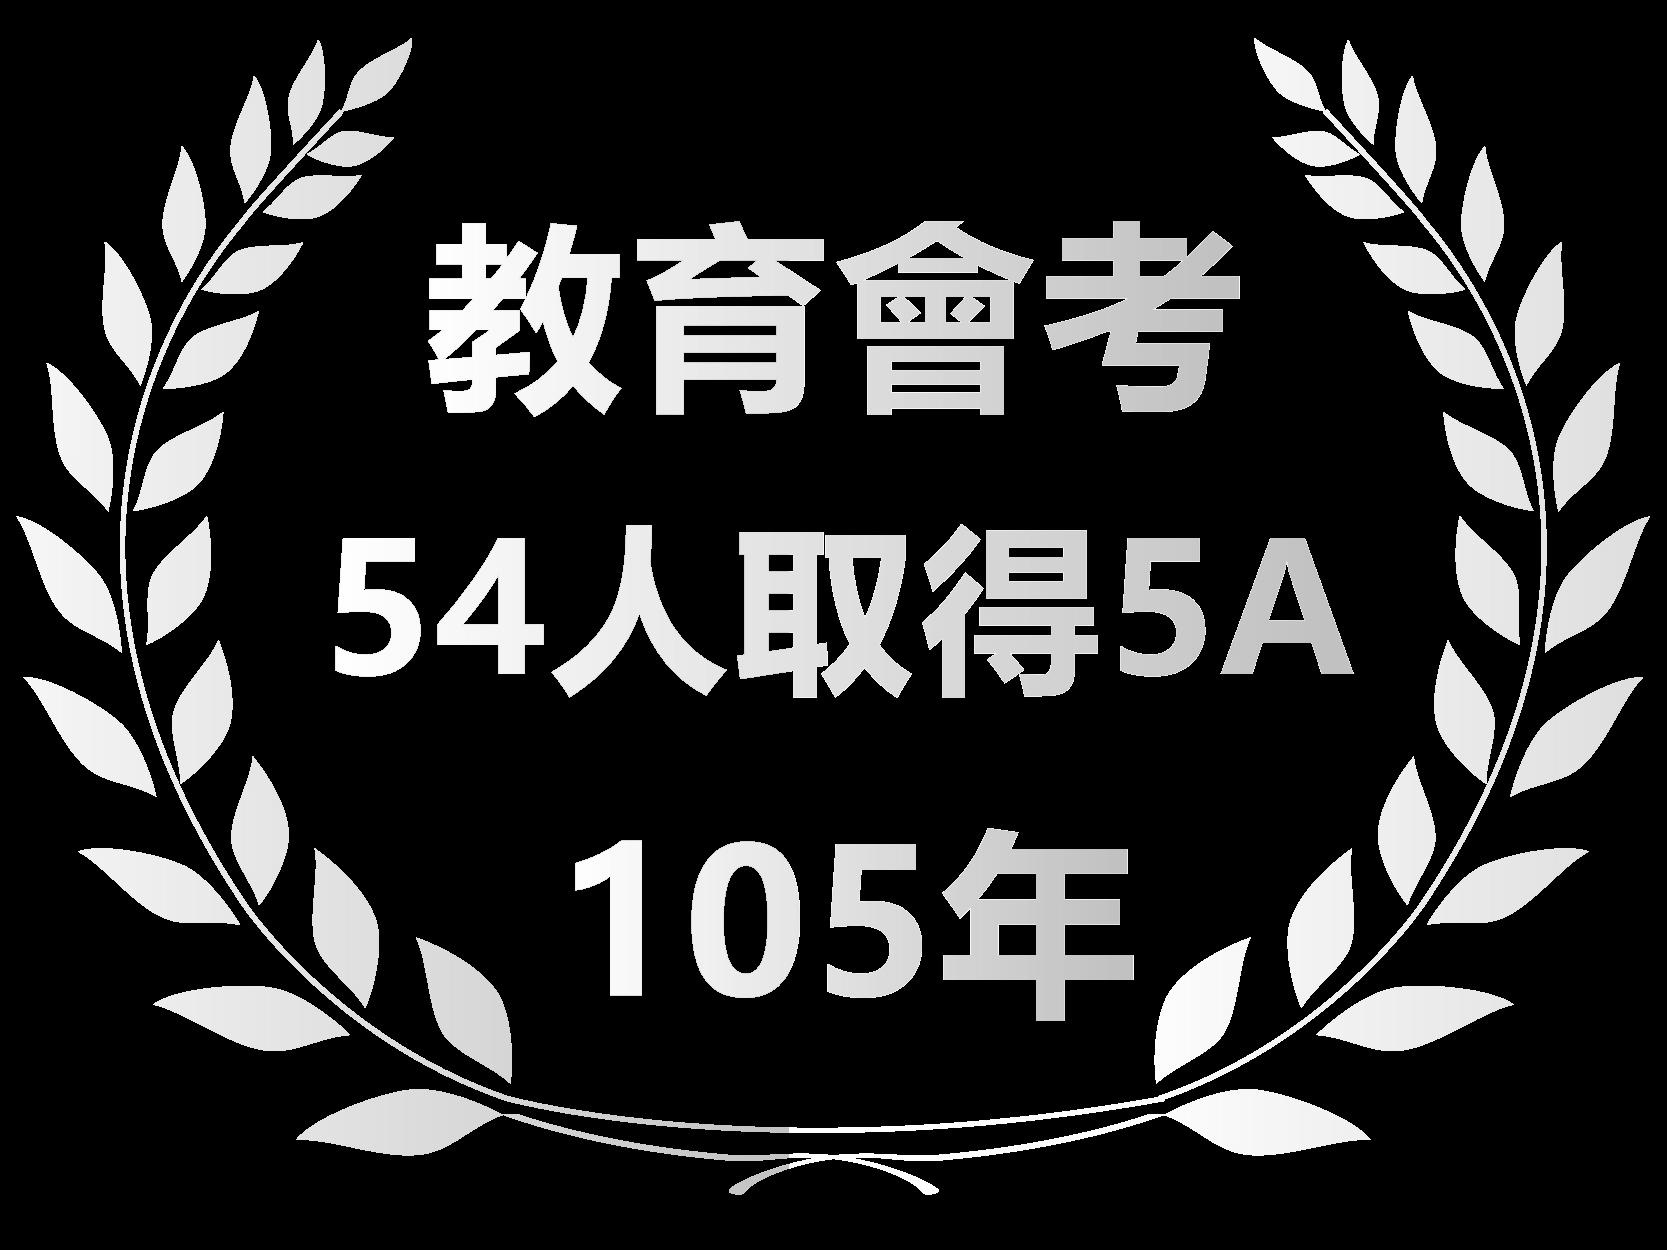 105榜單成就